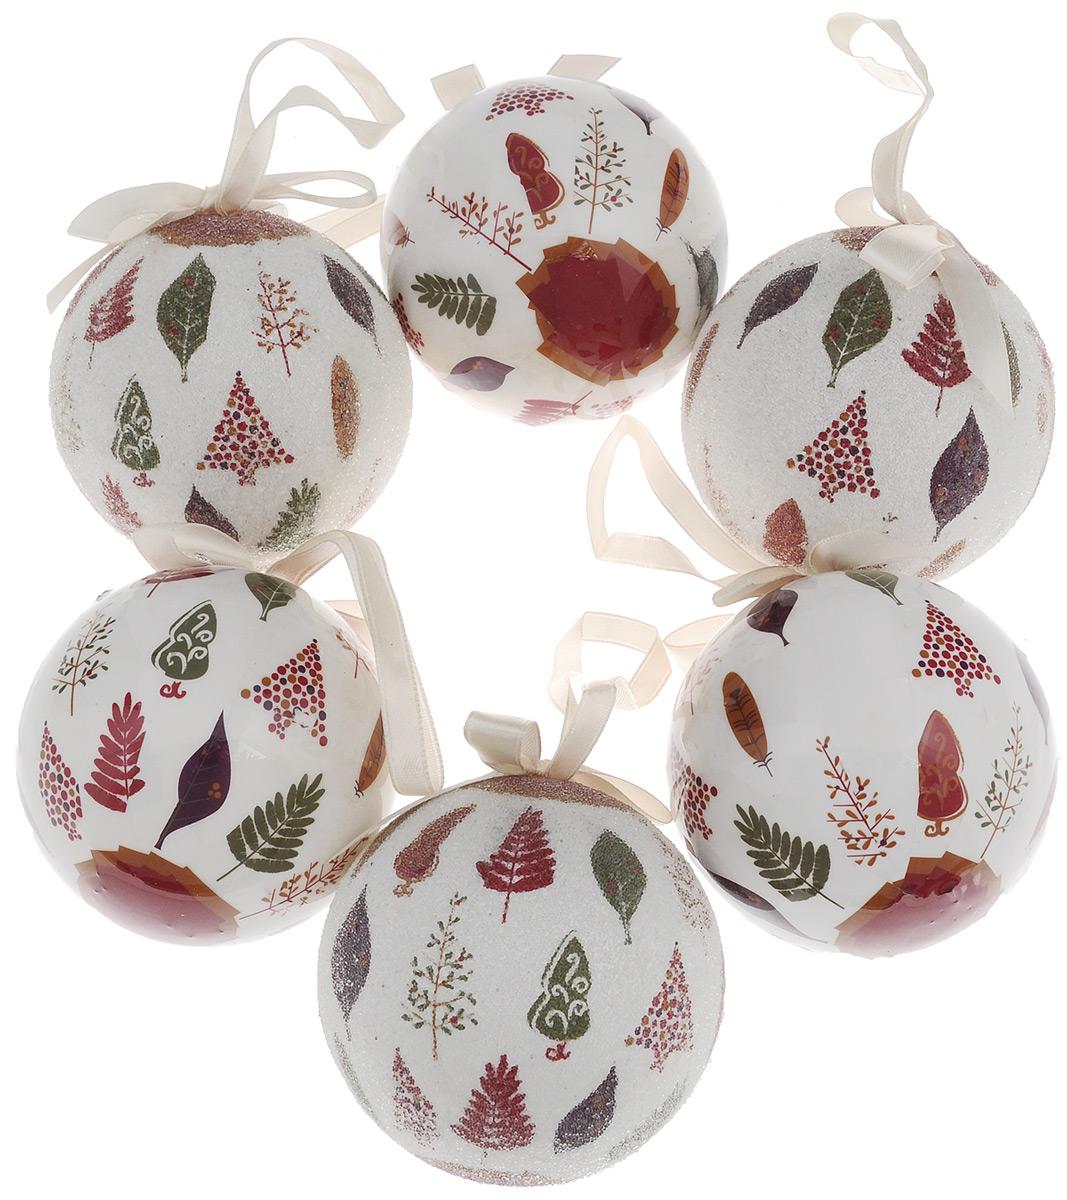 Набор новогодних подвесных украшений Winter Wings Me to You, диаметр 7,5 см, 6 шт набор новогодних подвесных украшений winter wings шары цвет золотистый диаметр 6 см 12 шт